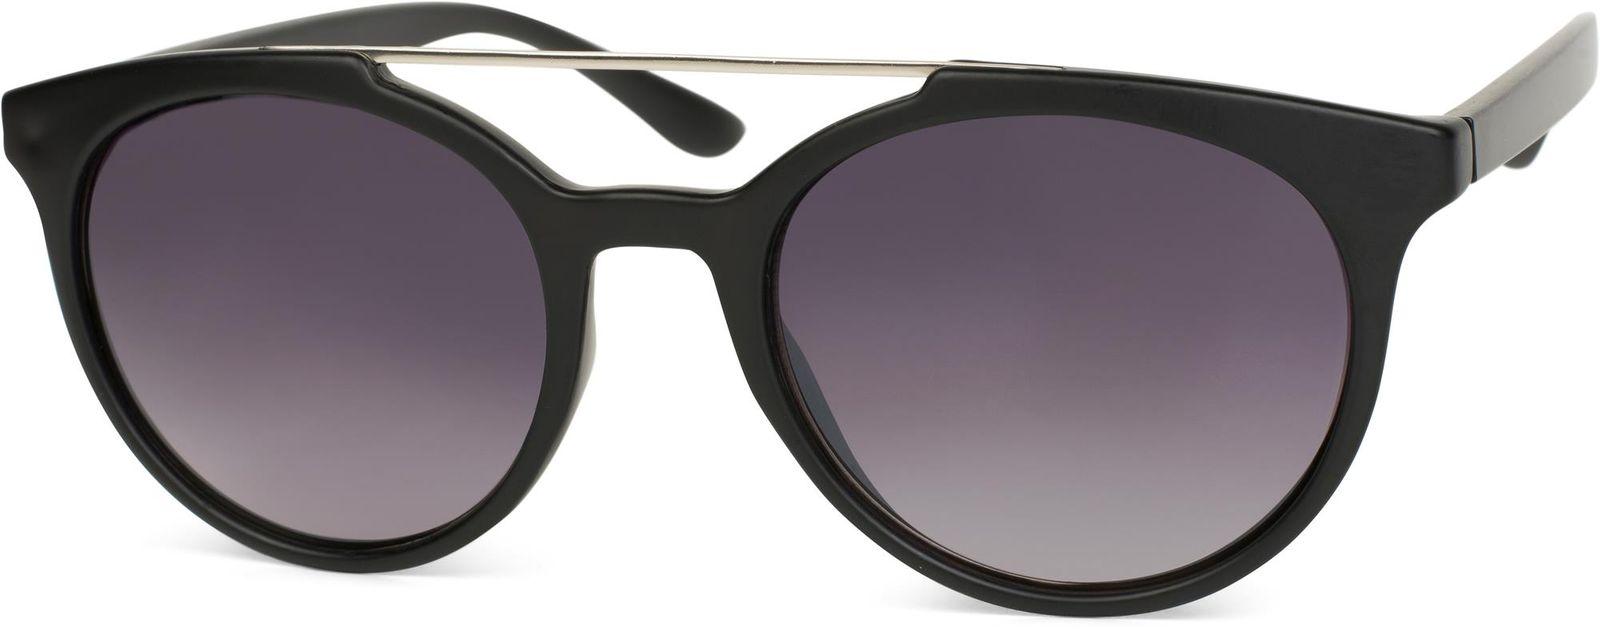 Sonnenbrille, runde Gläser, kontrastfarbener Nasen- und Verbindungssteg, Damen